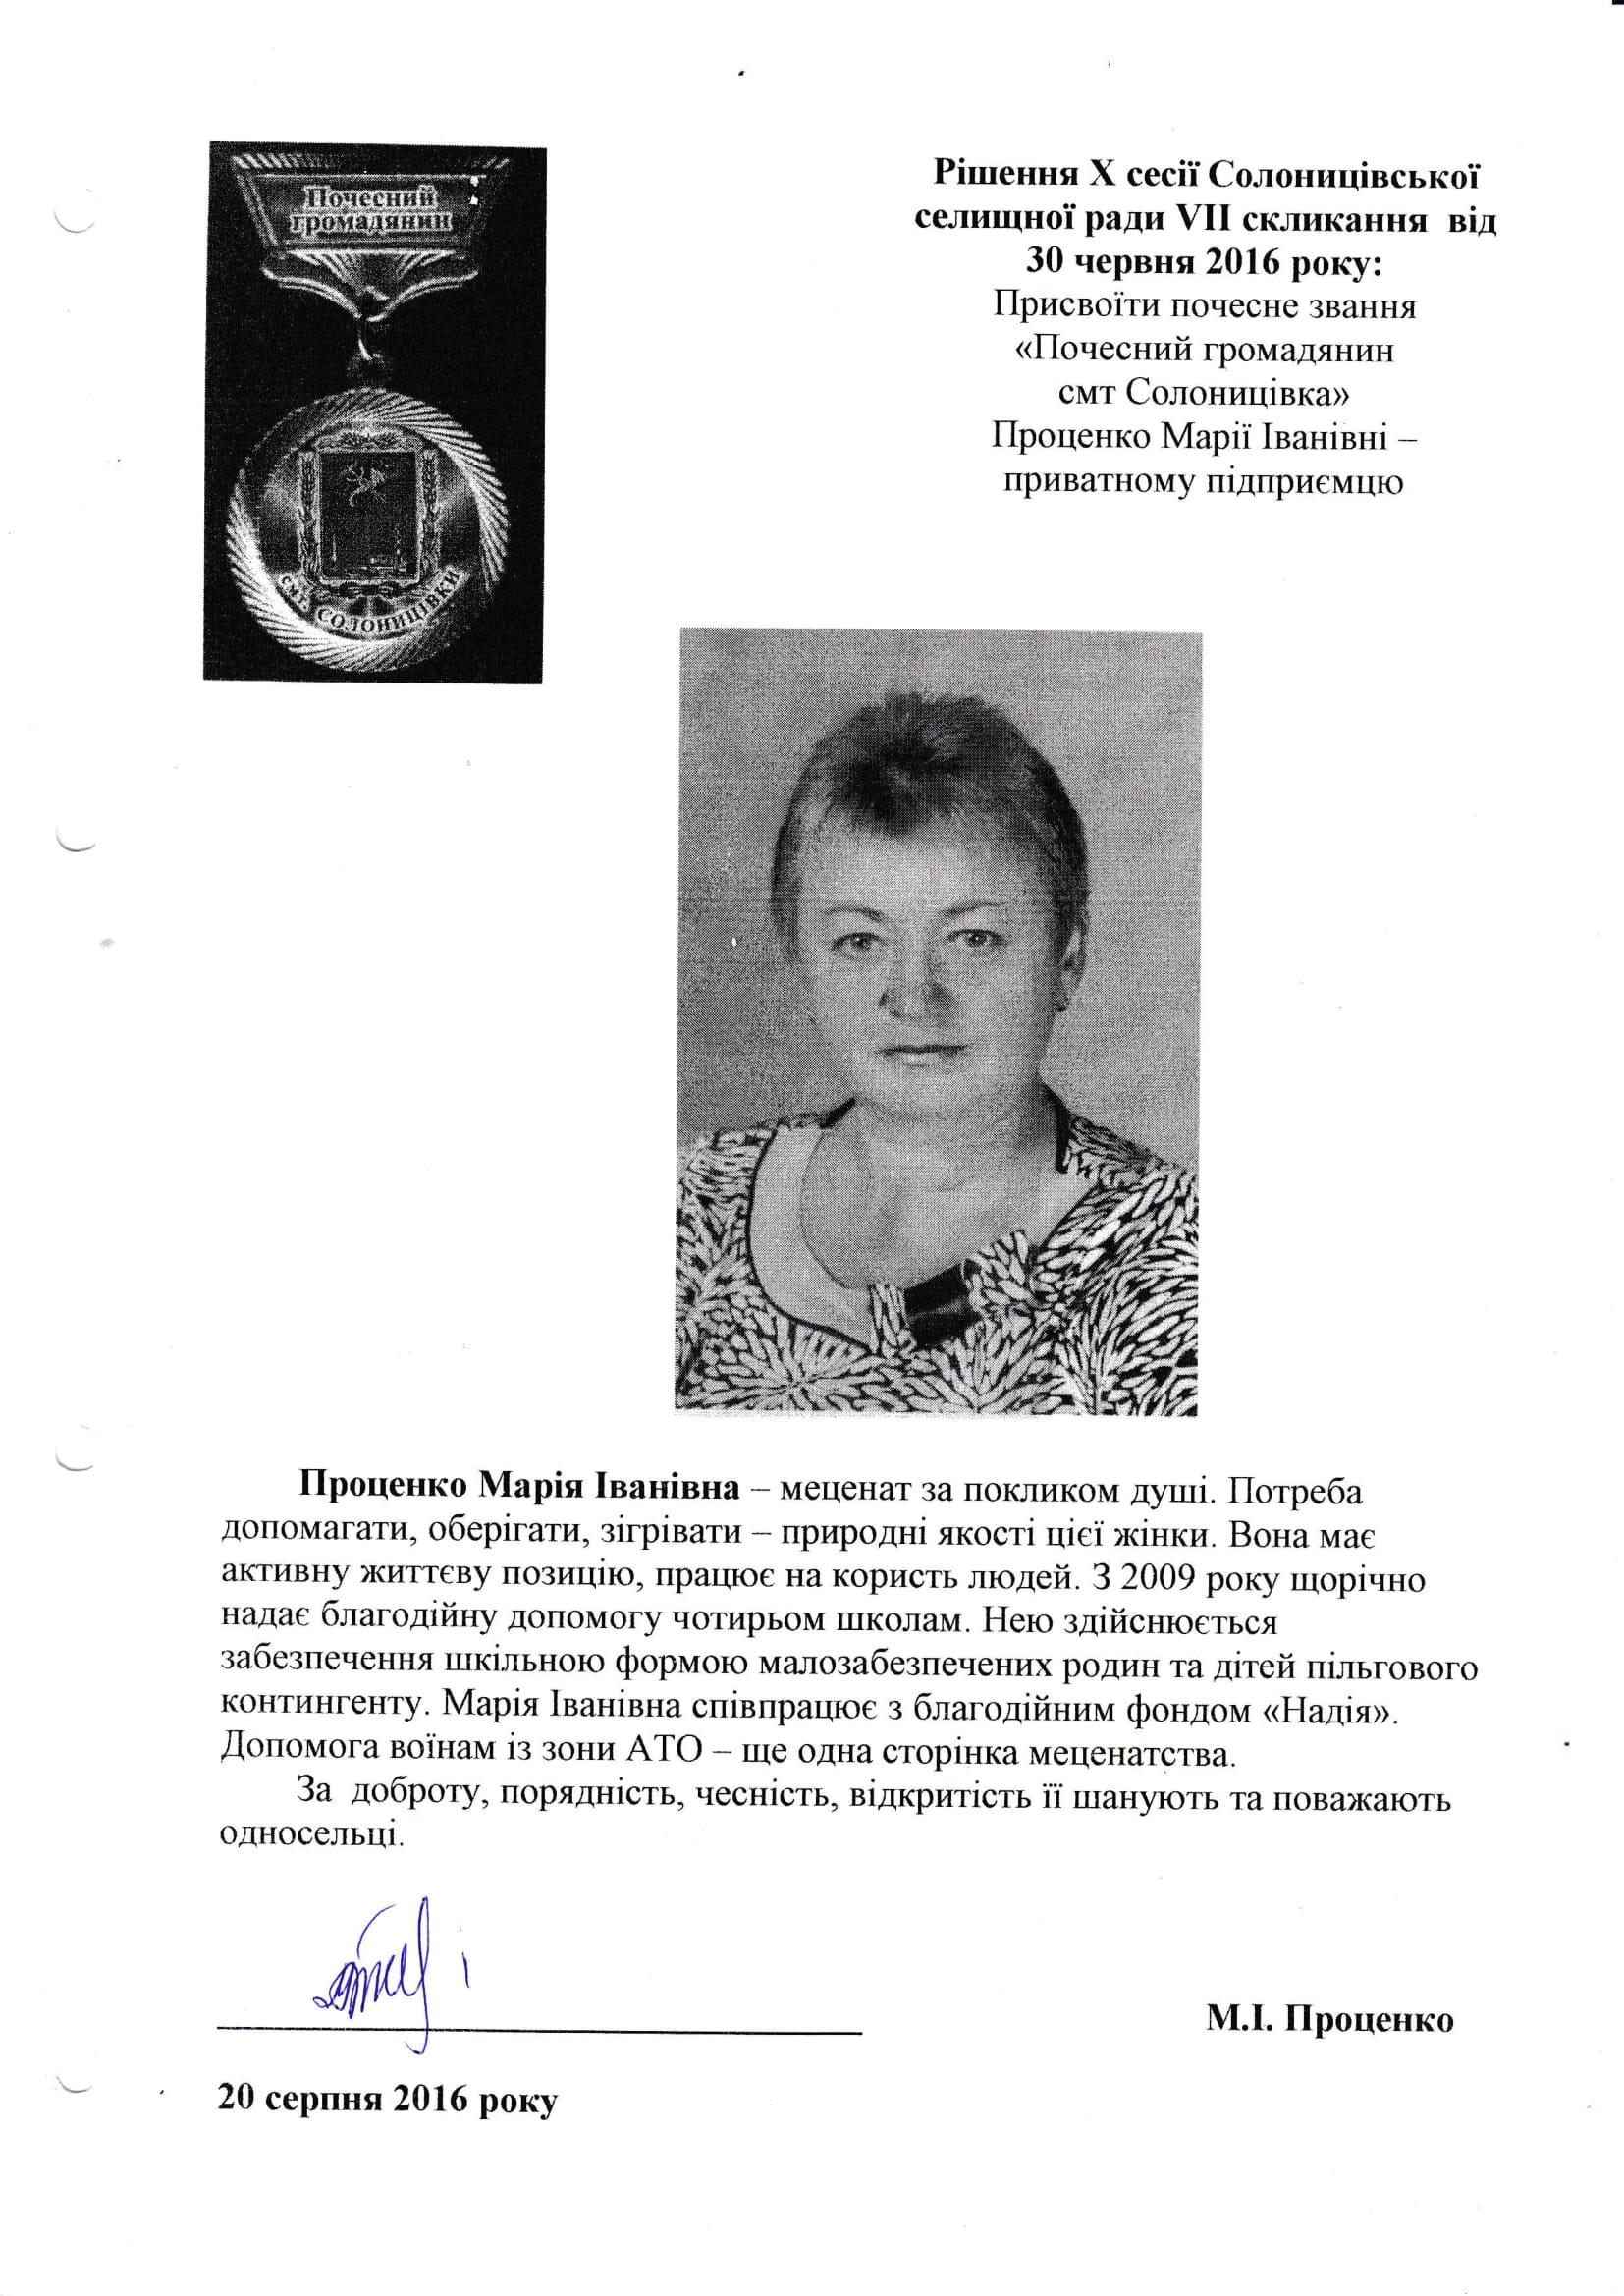 Проценко Марія Іванівна